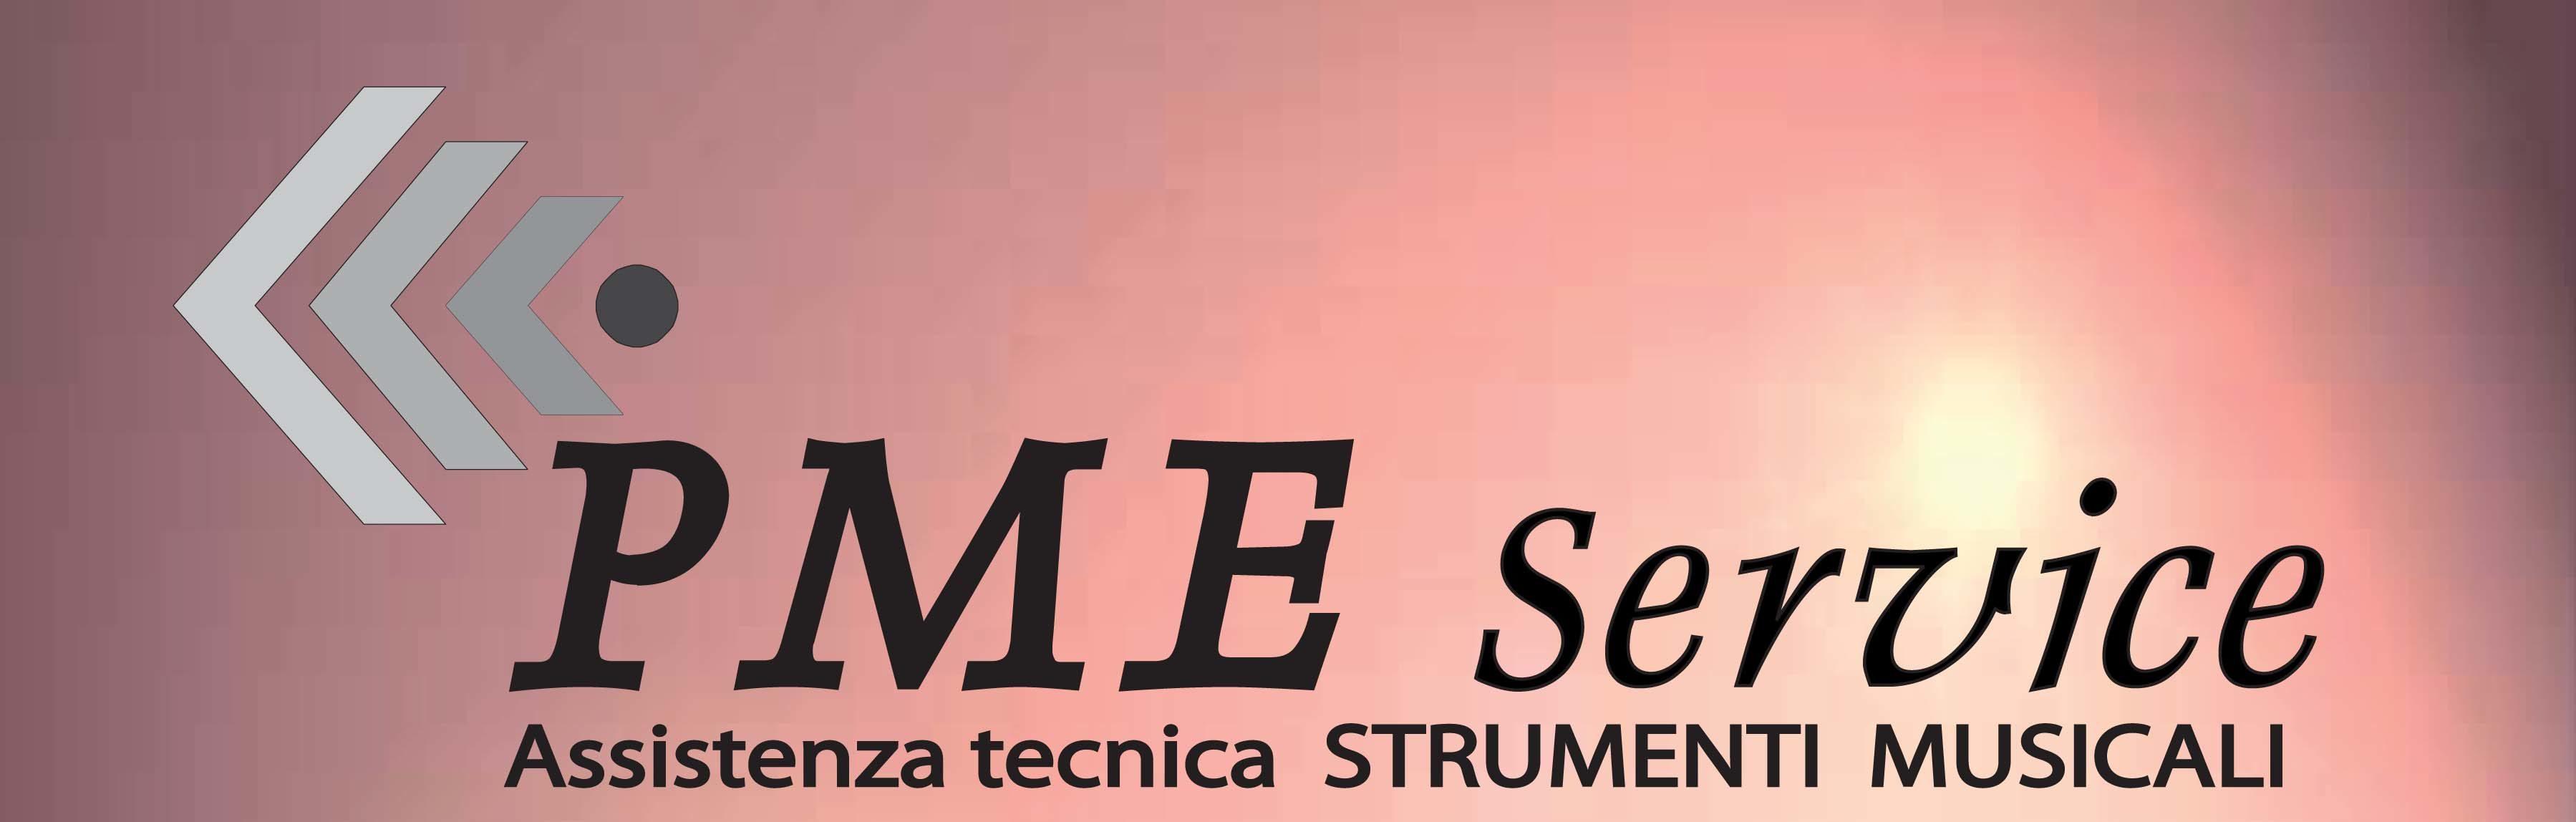 PME Service di Staccioli Pier Paolo